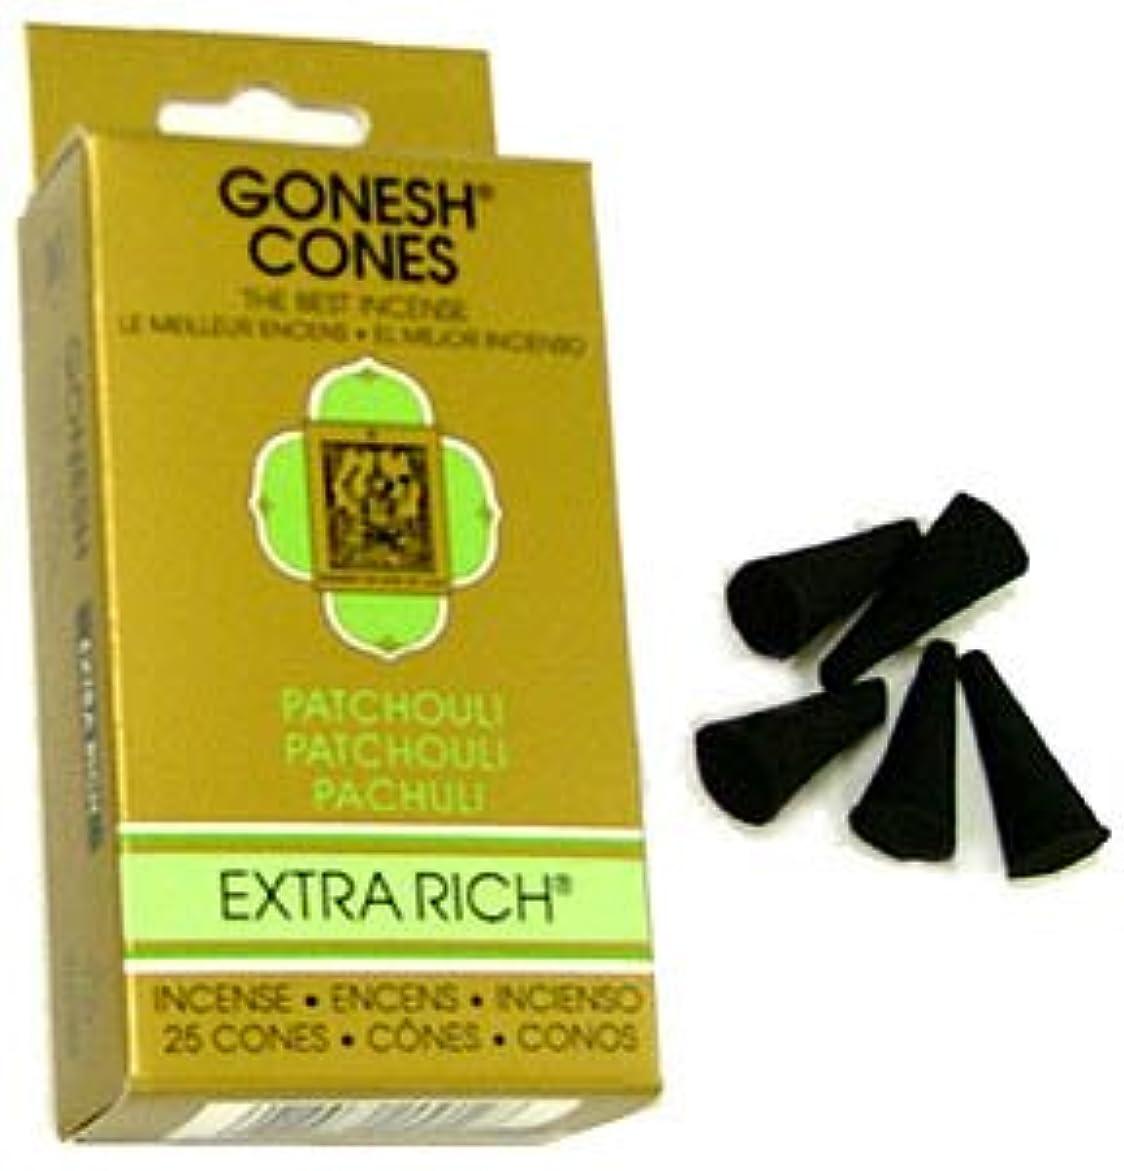 証拠衣類旅行者ガーネッシュ(GONESH) エクストラリッチ インセンス コーン パチュリ 25個入(お香)